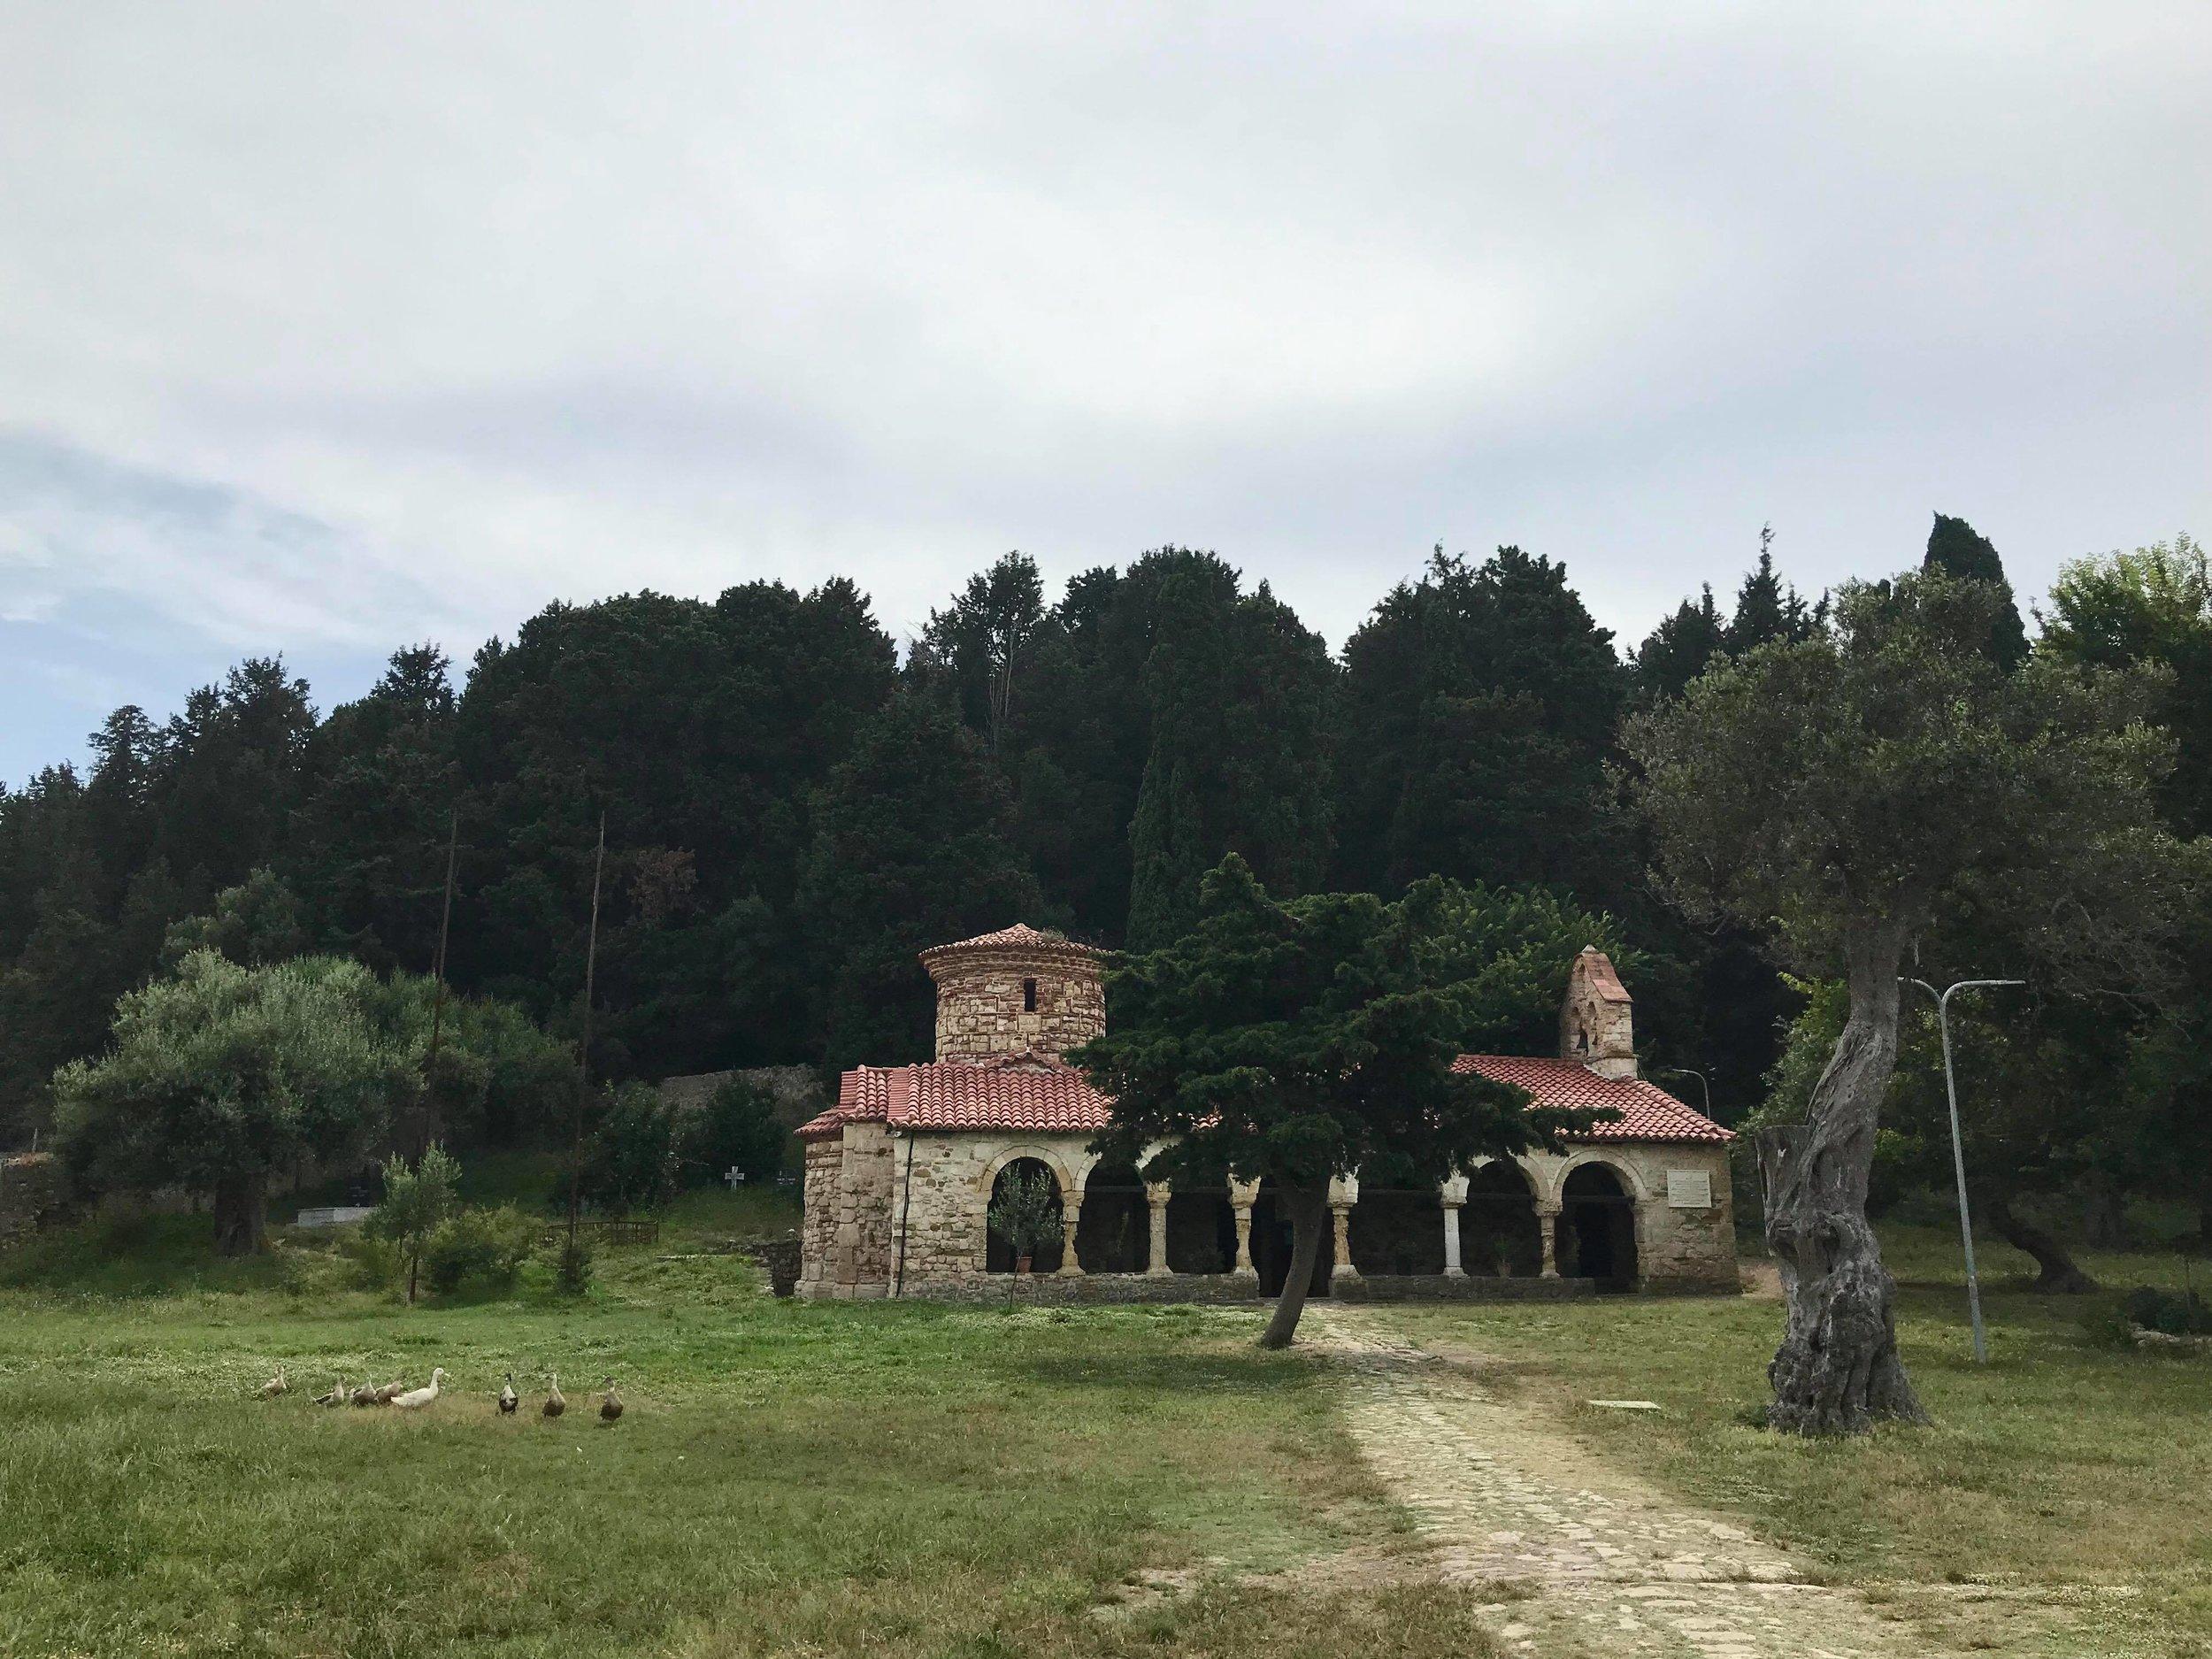 Todella vanha, mutta hyvin säilynyt ortodoksinen kirkko luostarialueella. Kuva: Mirva Rannisto